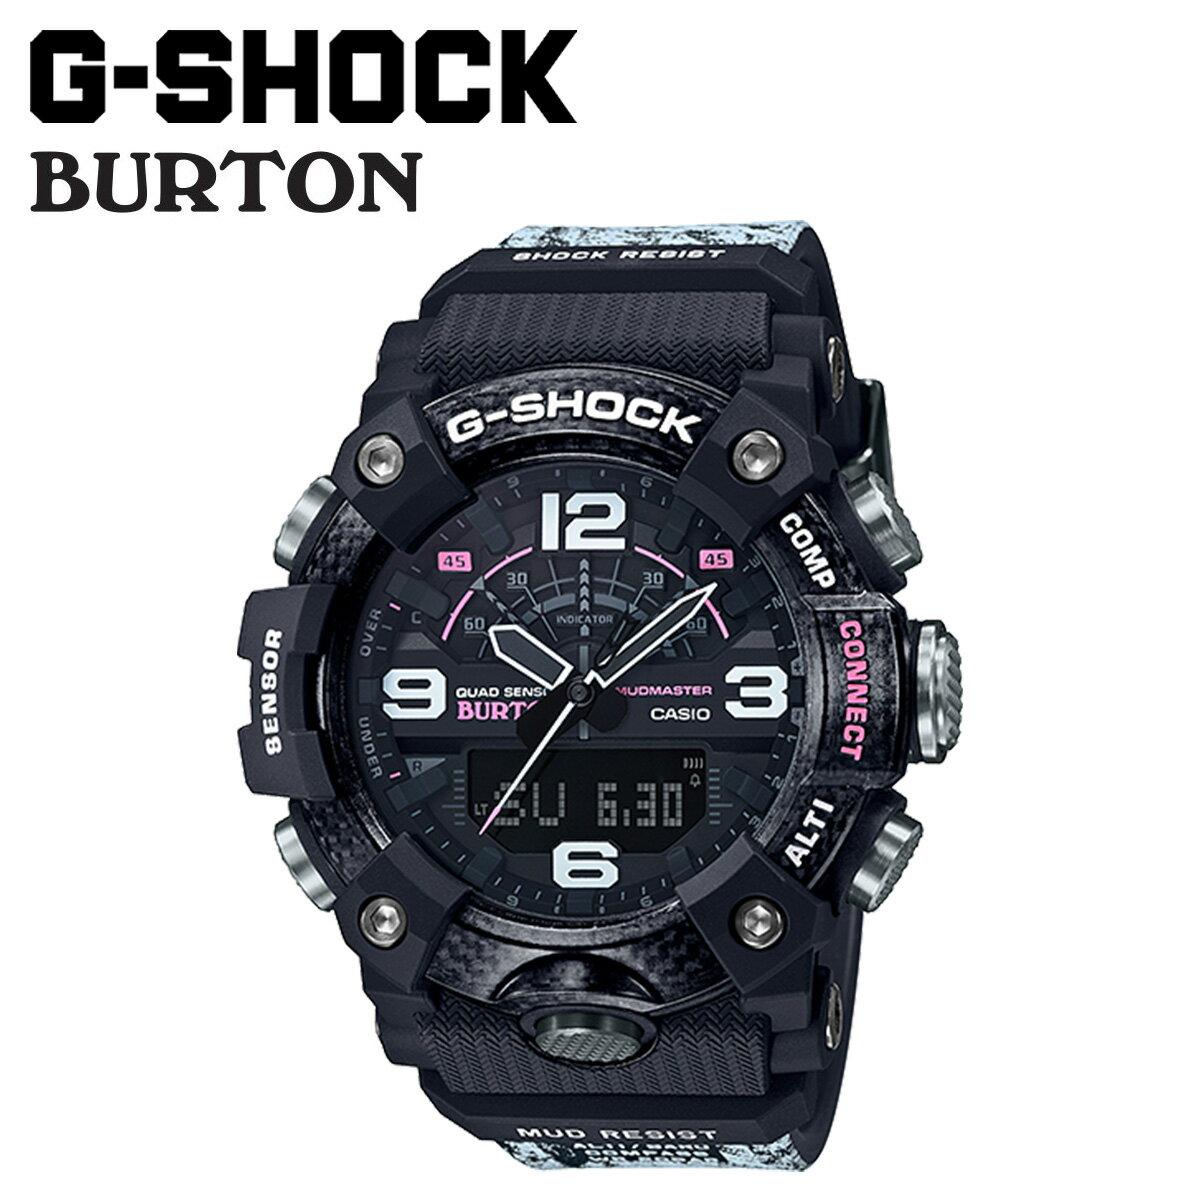 腕時計, 男女兼用腕時計 2000OFF CASIO G-SHOCK BURTON GG-B100BTN-1AJR